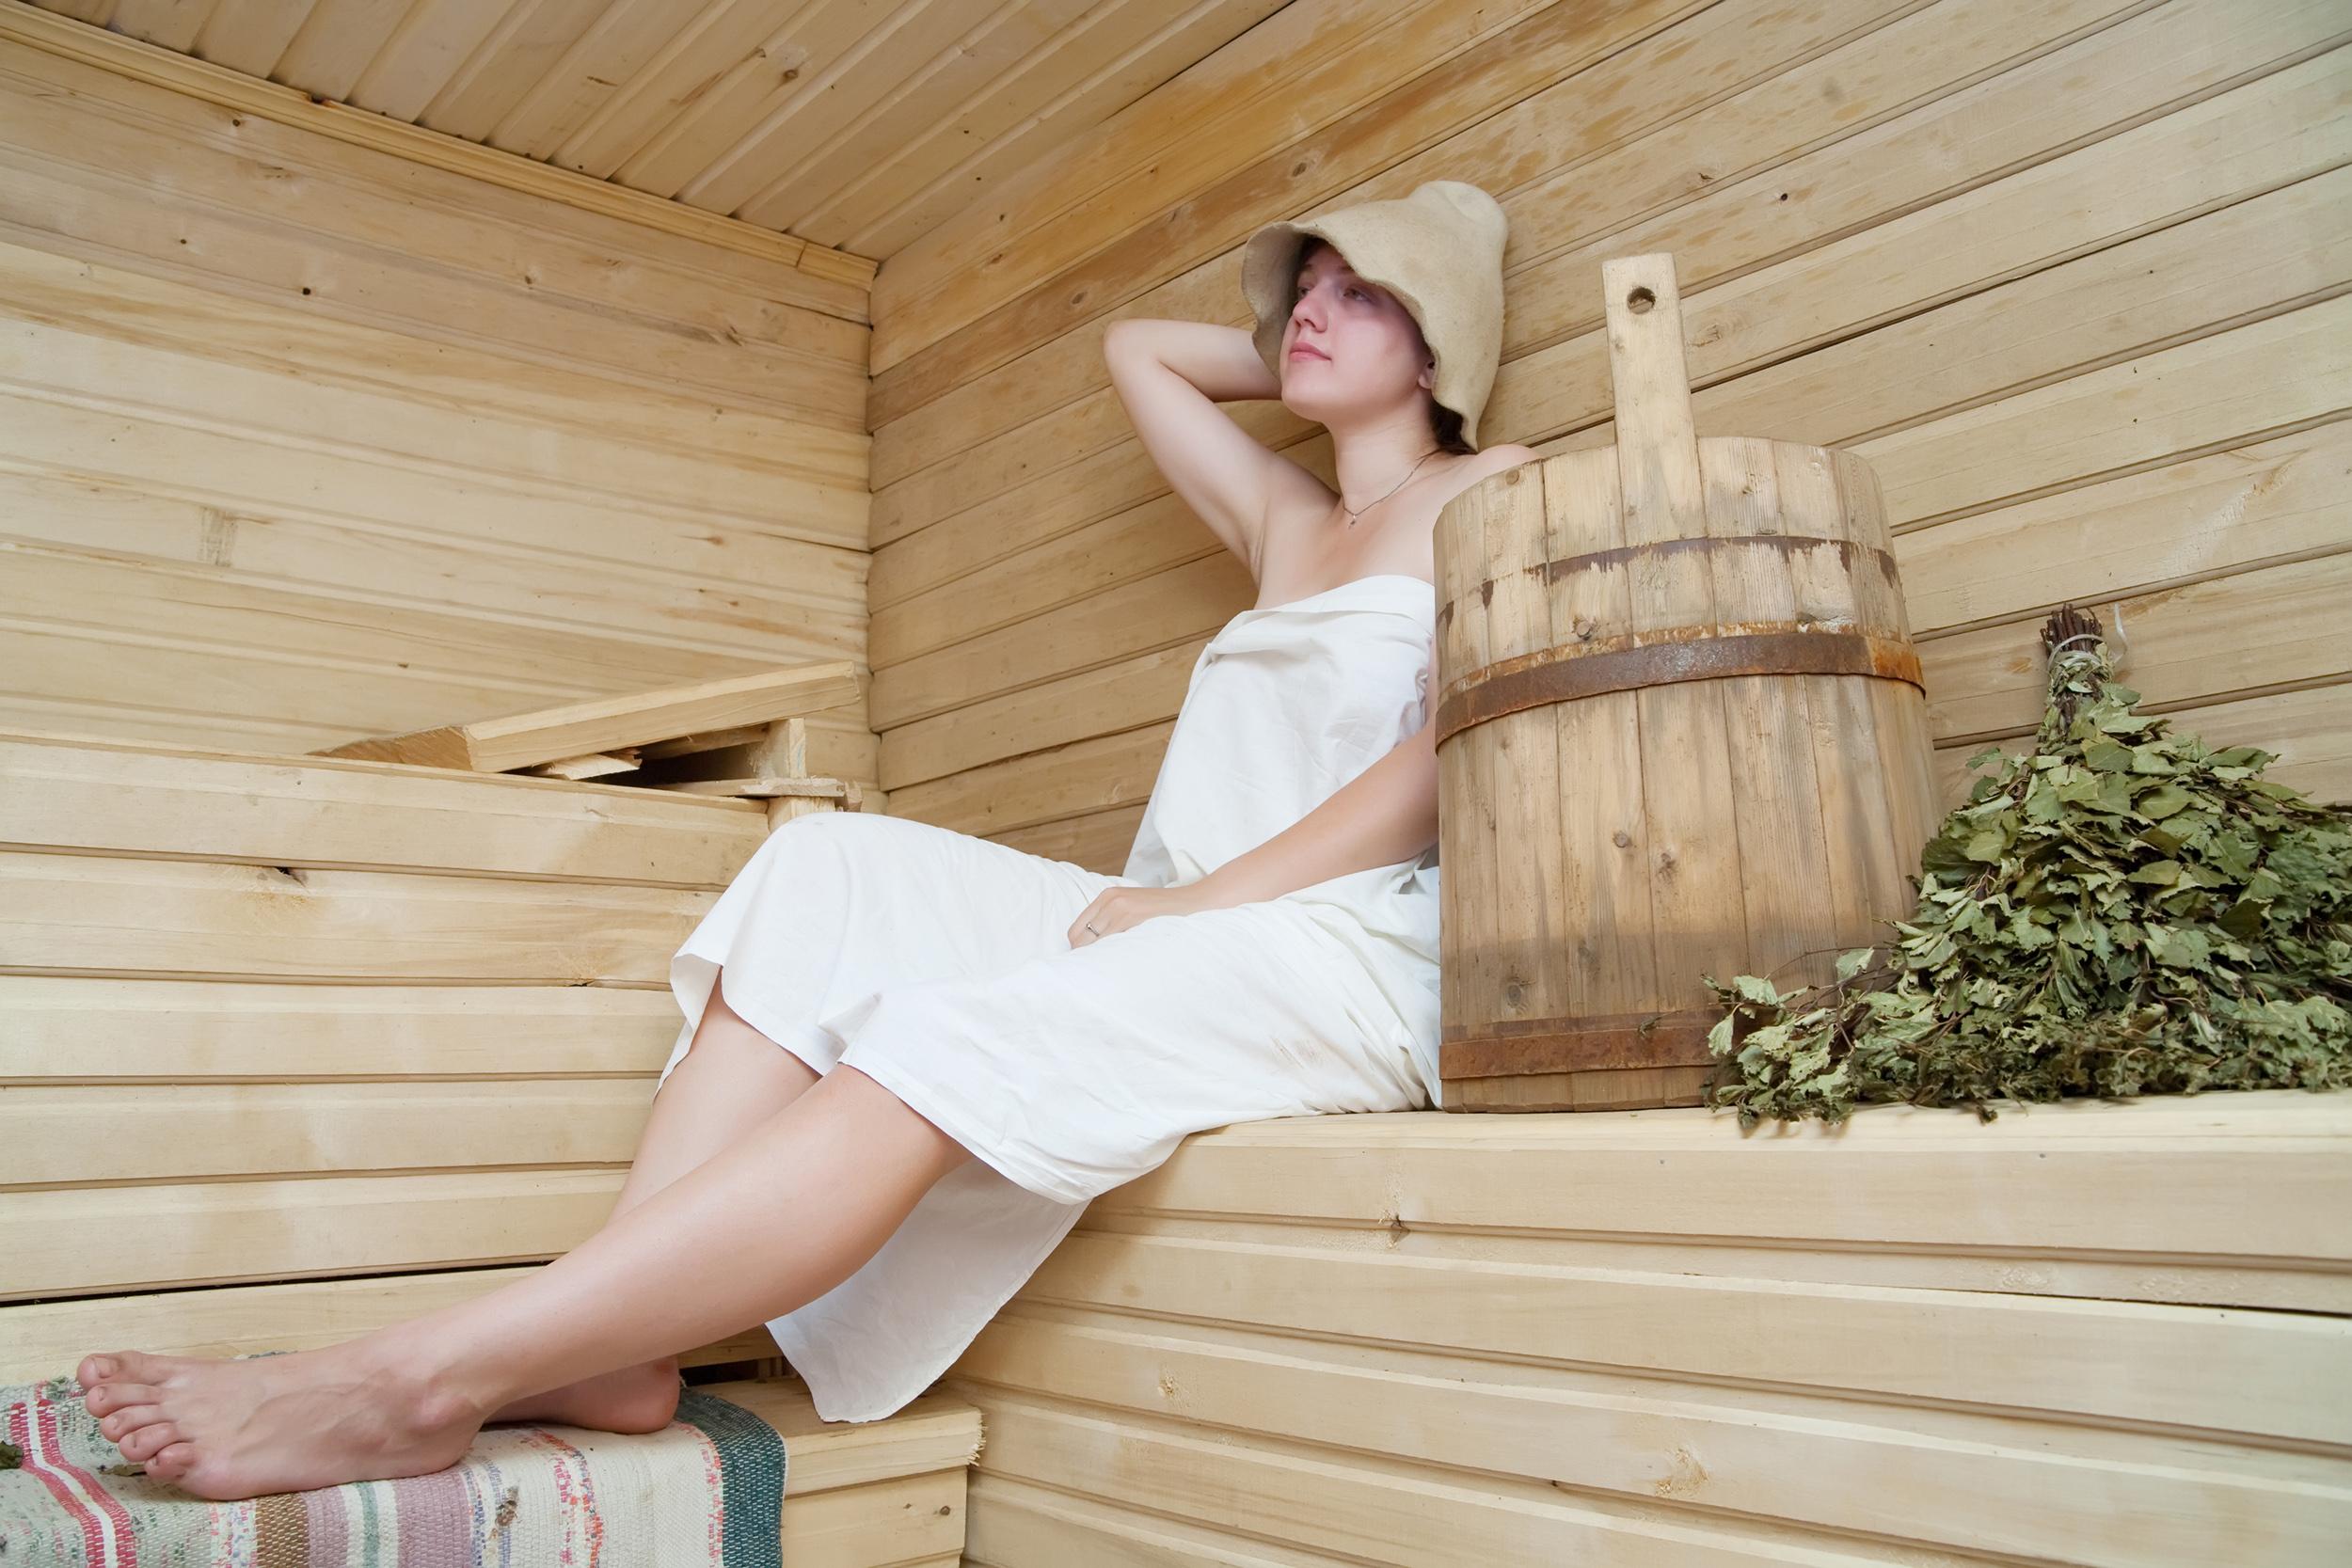 Чистый город: Екатеринбург установил рекорд по числу бань и саун